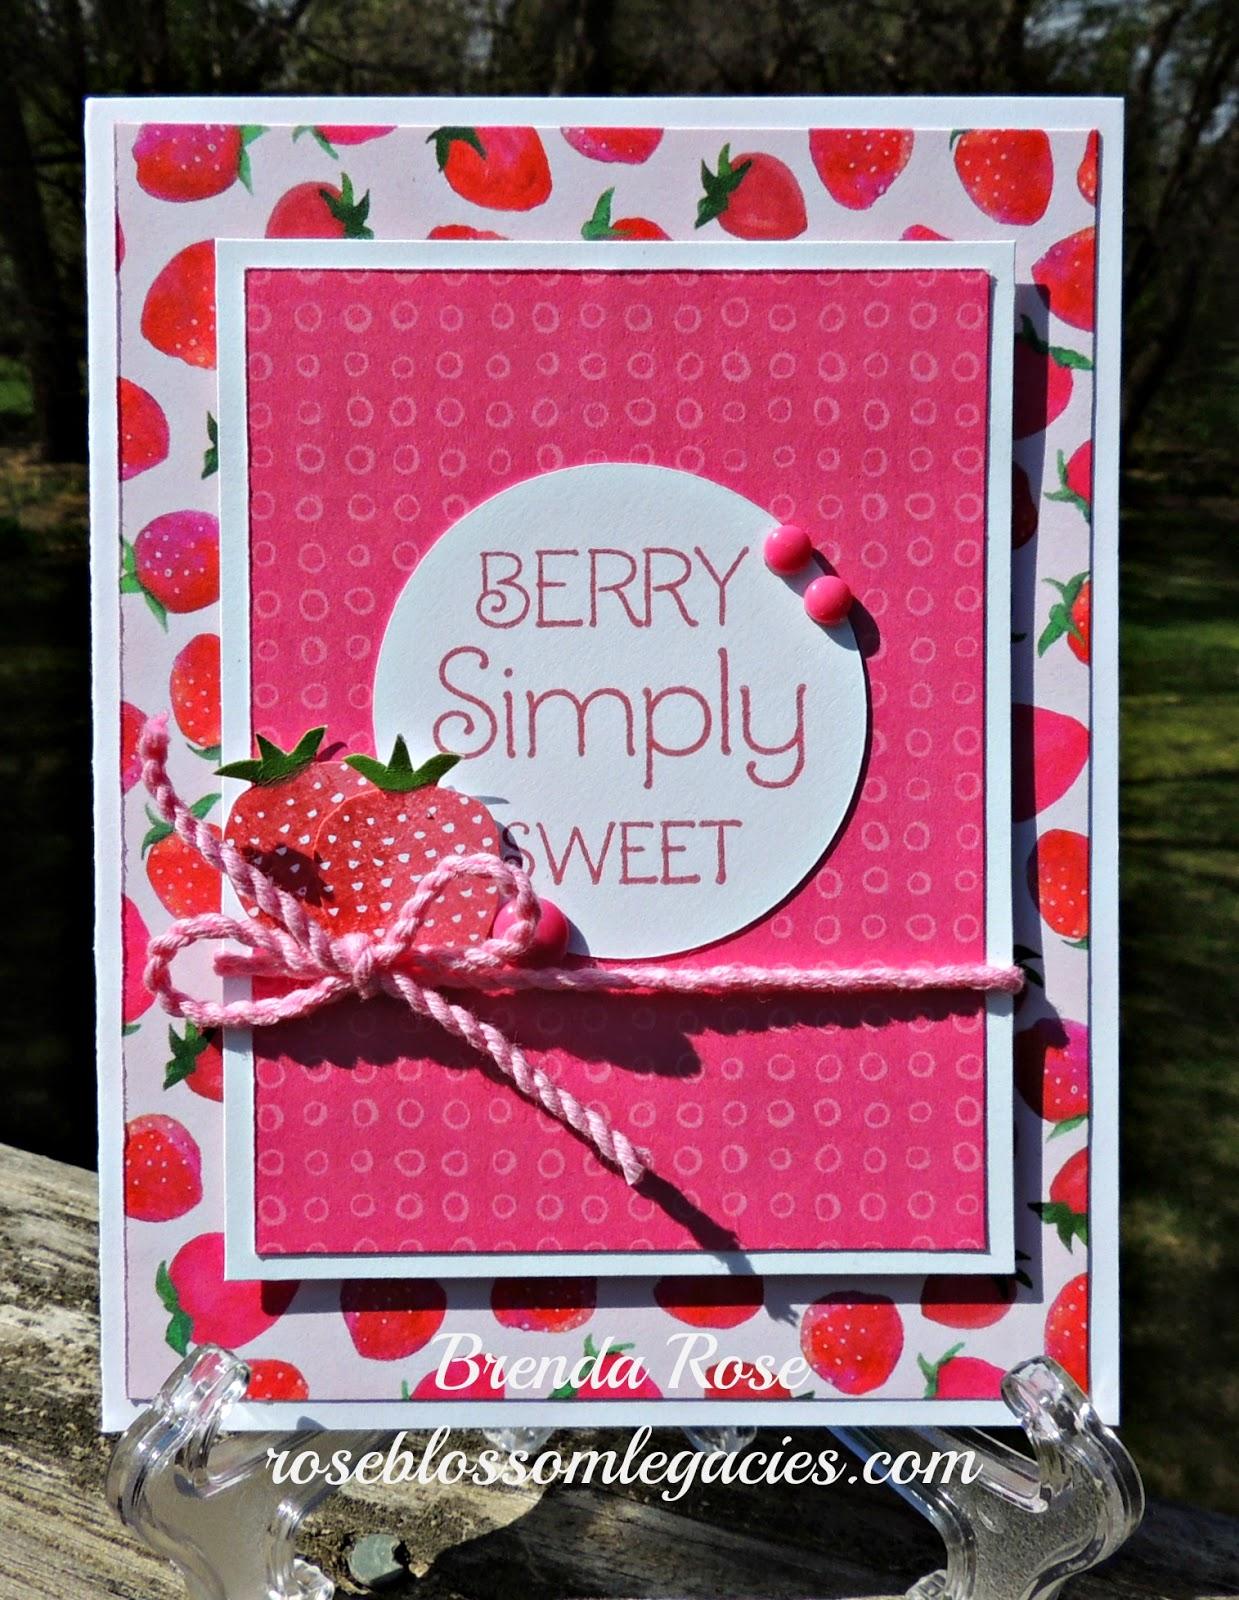 rose blossom legacies  taste of summer card workshop